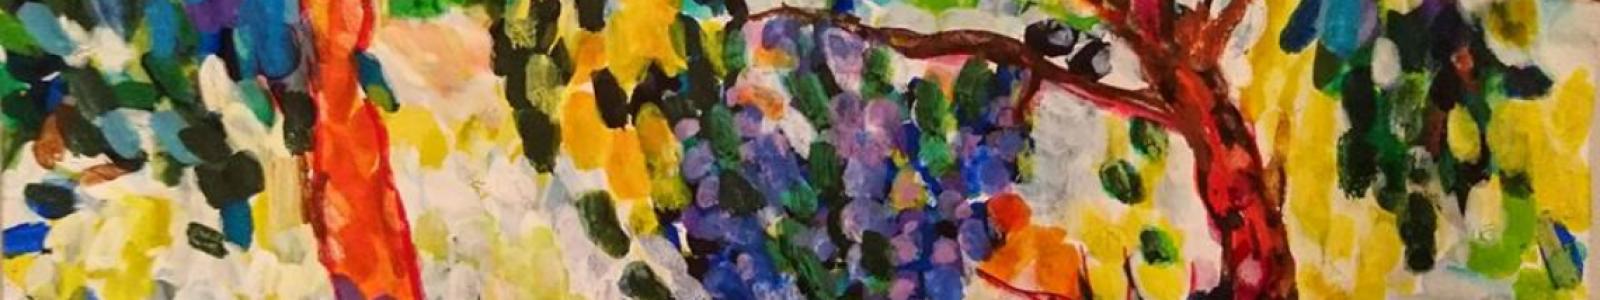 Gallery Painter Alesja Melentjeva-Zlotnikova